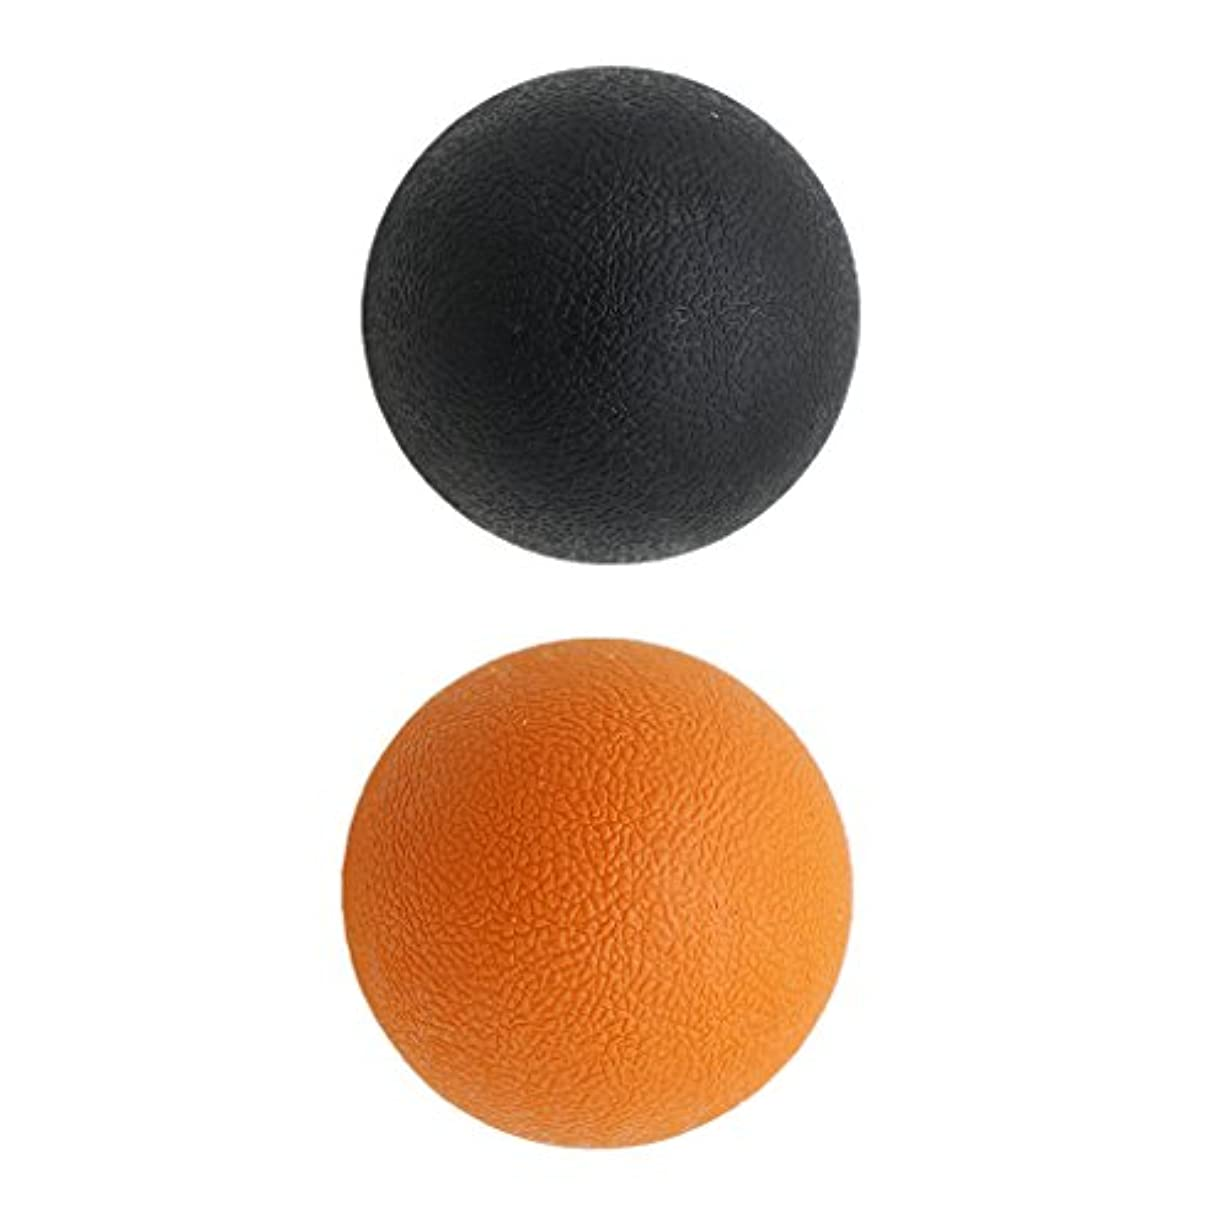 枠リンク軍Kesoto 2個 マッサージボール ラクロスボール 背部 トリガ ポイント マッサージ 多色選べる - オレンジブラック